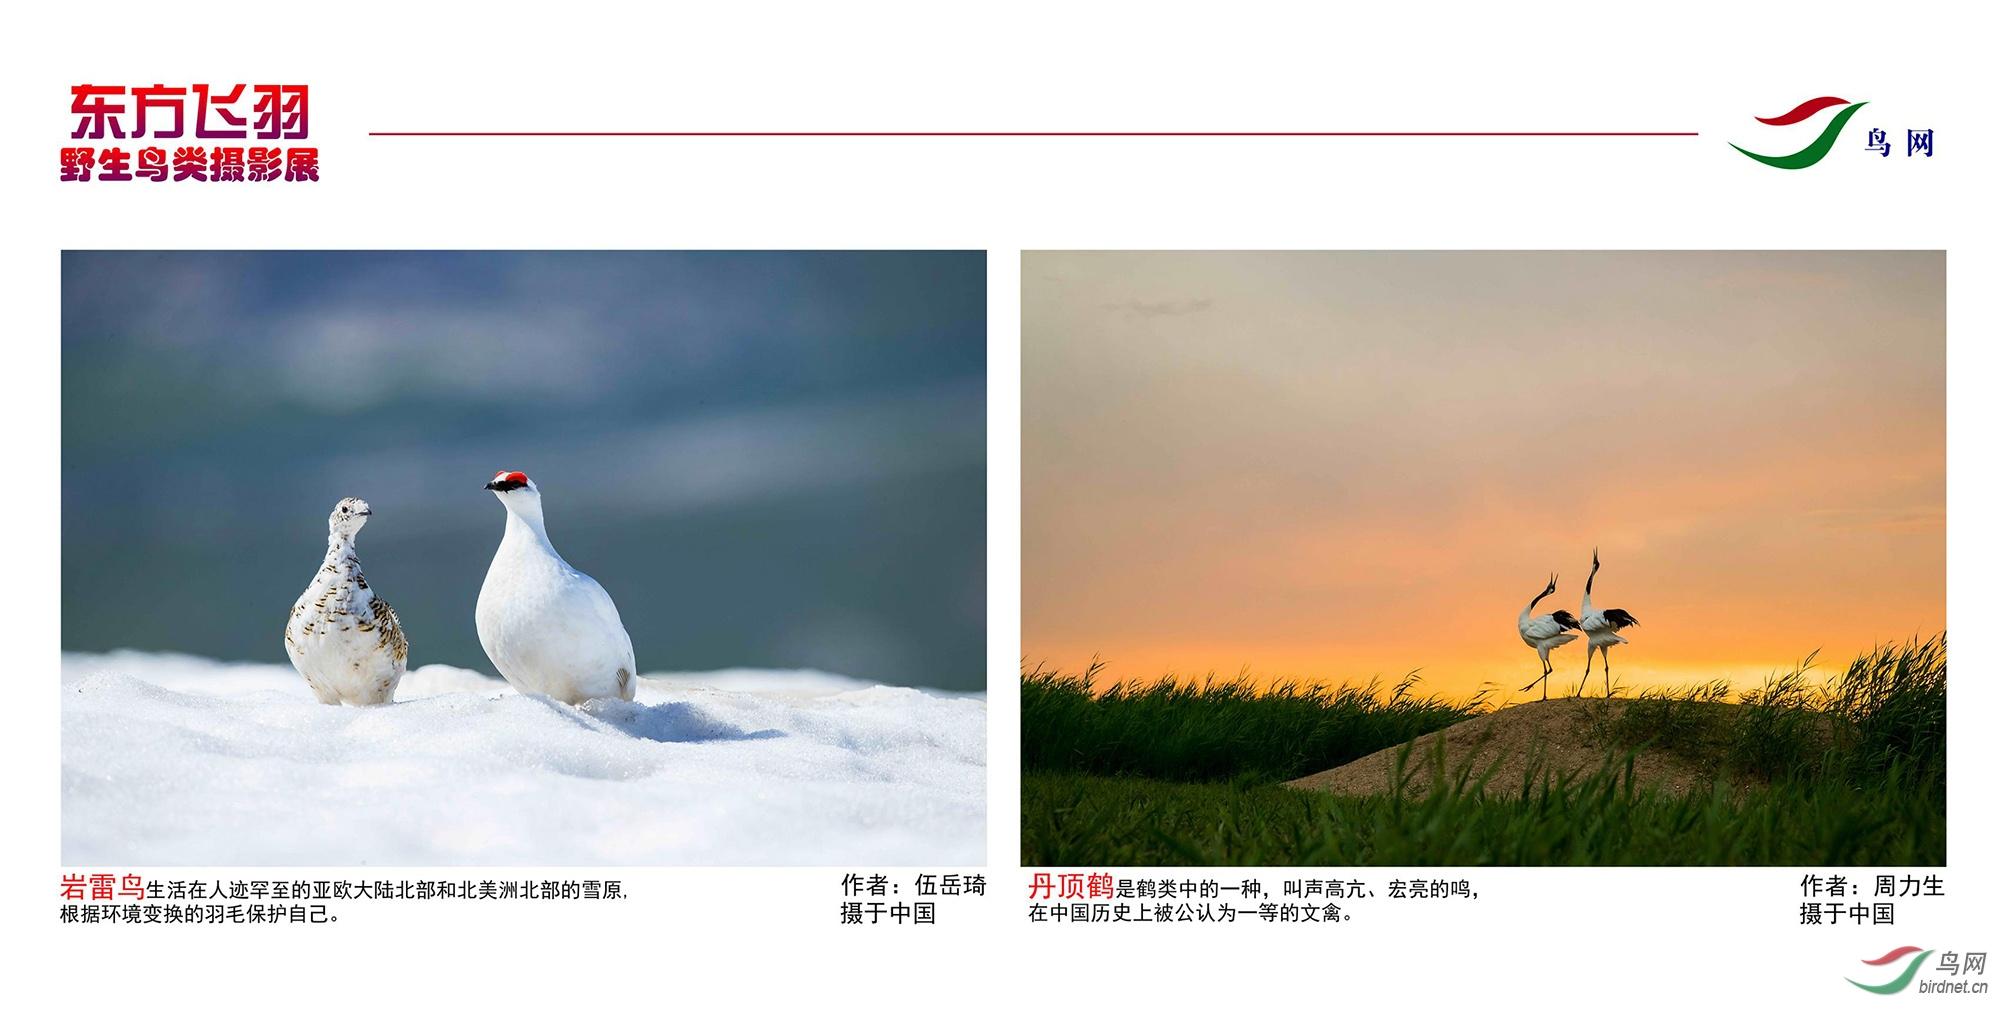 1_东方明珠摄影展照片_21.jpg